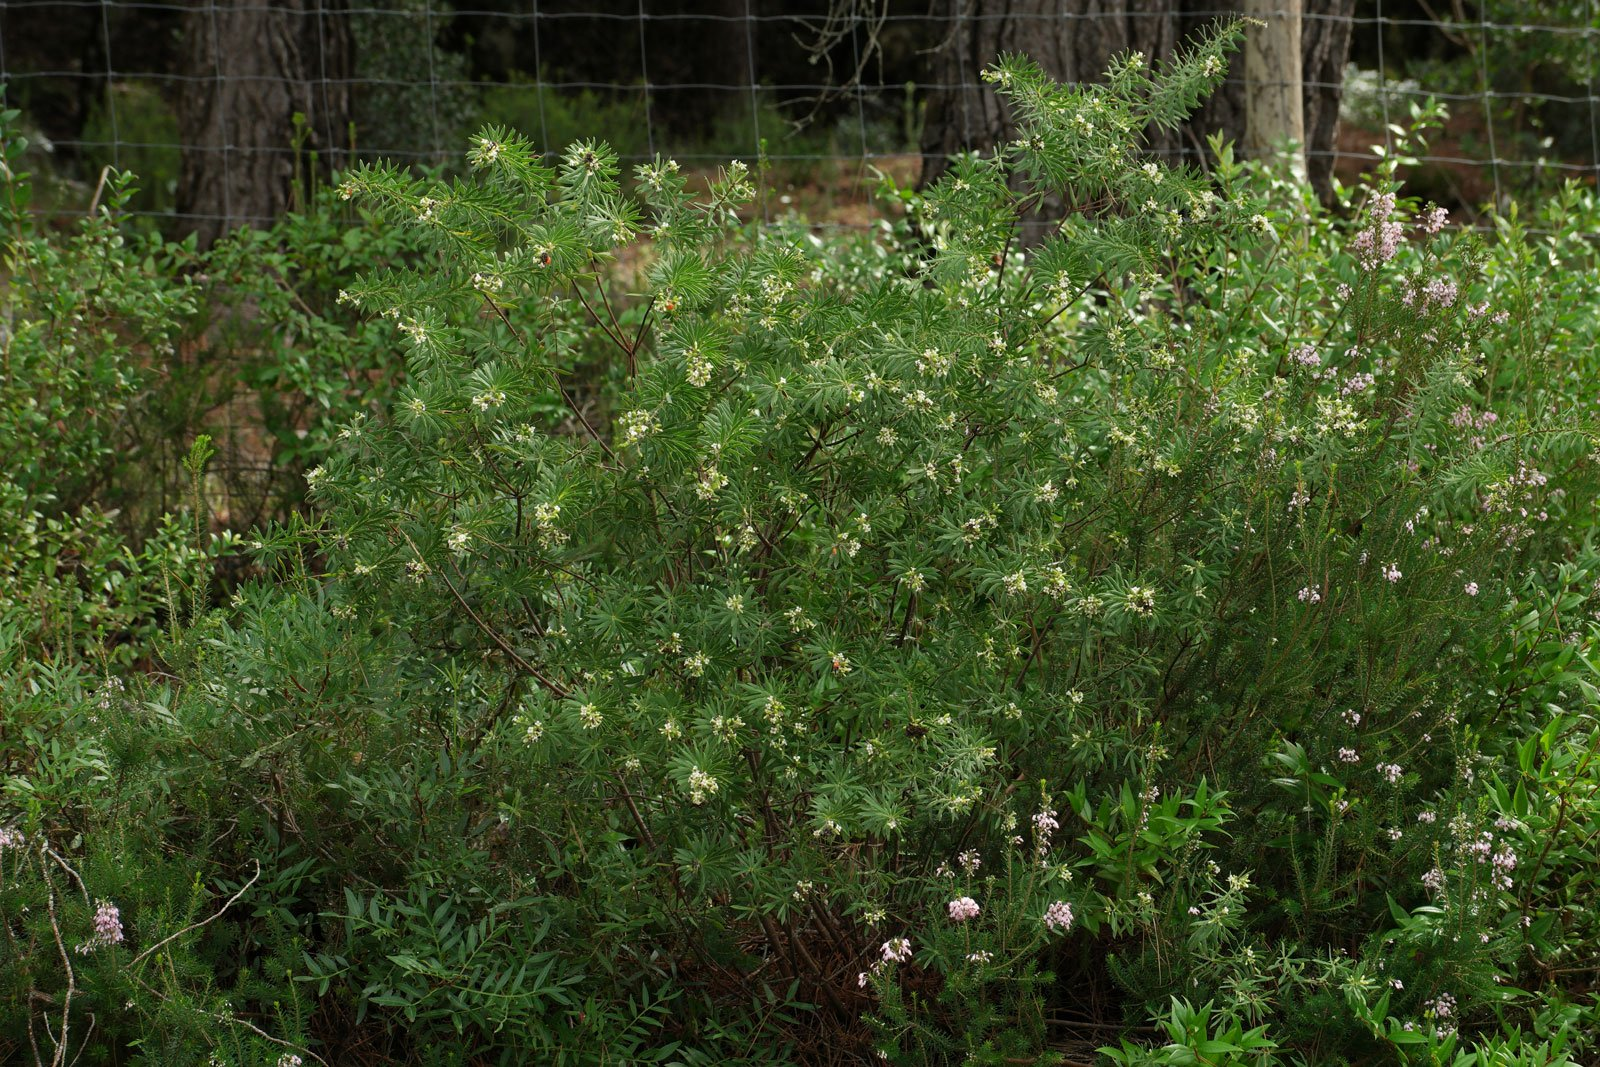 Daphne gnidium